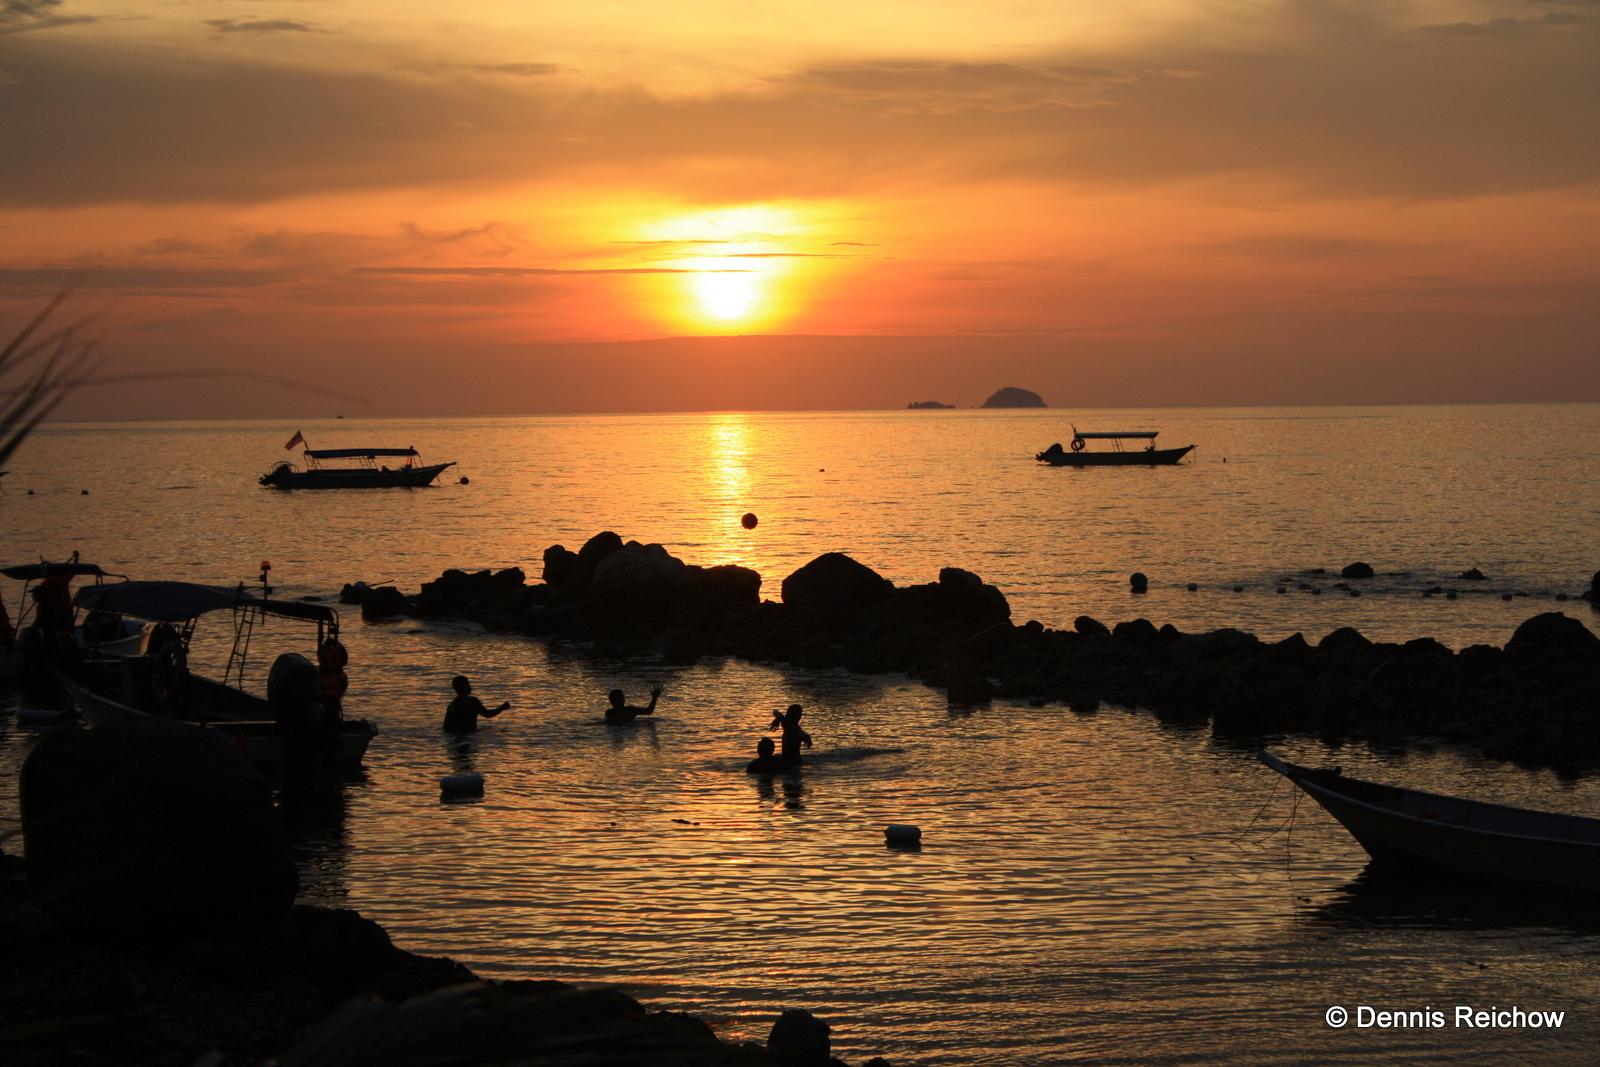 Tauchen in Südostasien - Der Sonnenuntergang auf Tioman